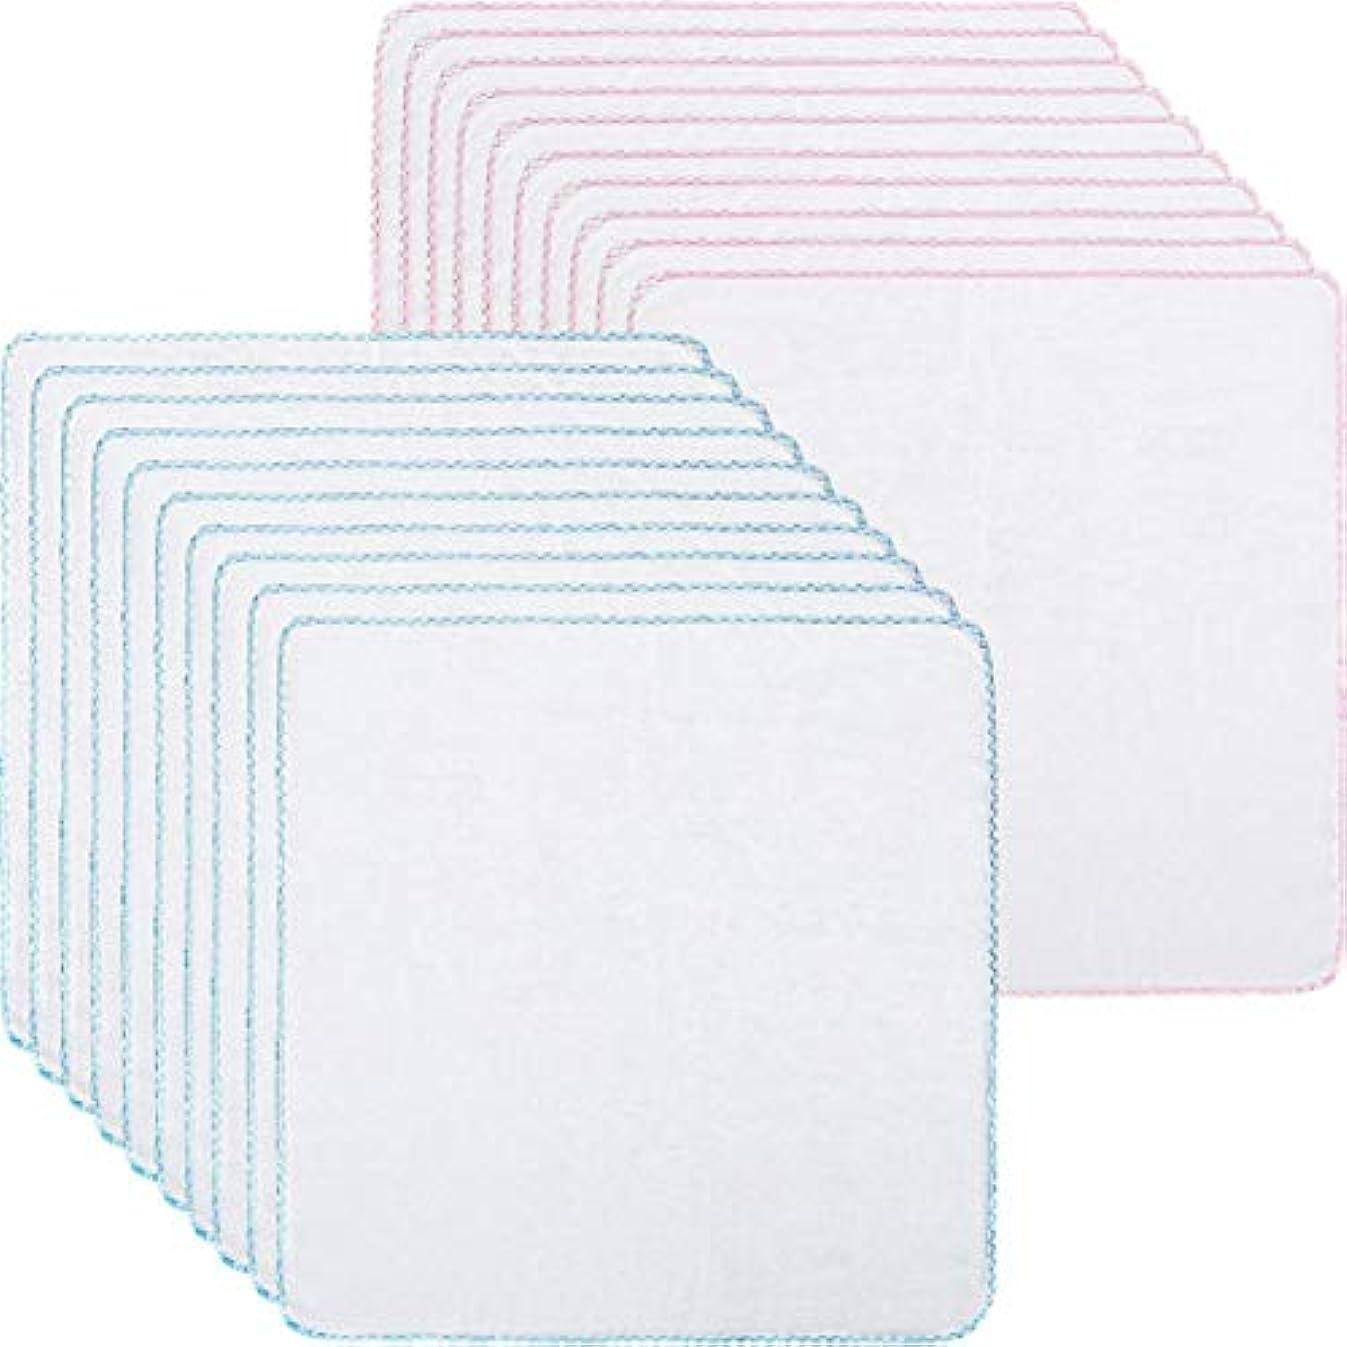 ハンカチ神経衰弱勢いYoshilimen 洗練された20個のピュアコットンフェイシャルクレンジングモスリンクロスソフトフェイシャルクレンジングメイクリムーバー布、青とピンク